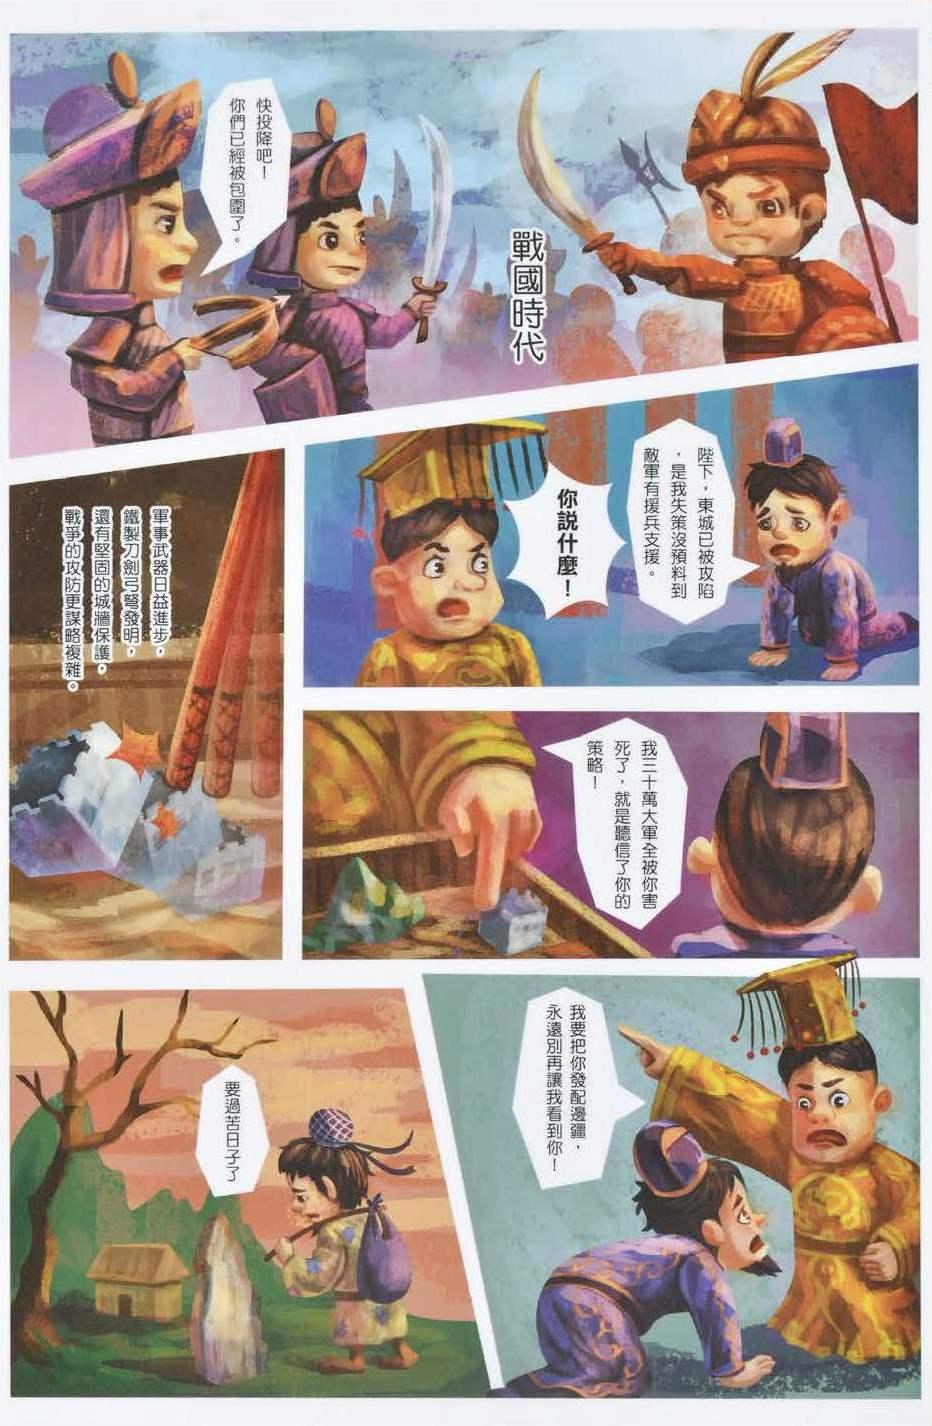 50屆漫畫類優選_戰藝相傳3_陳彥鈞.jpg